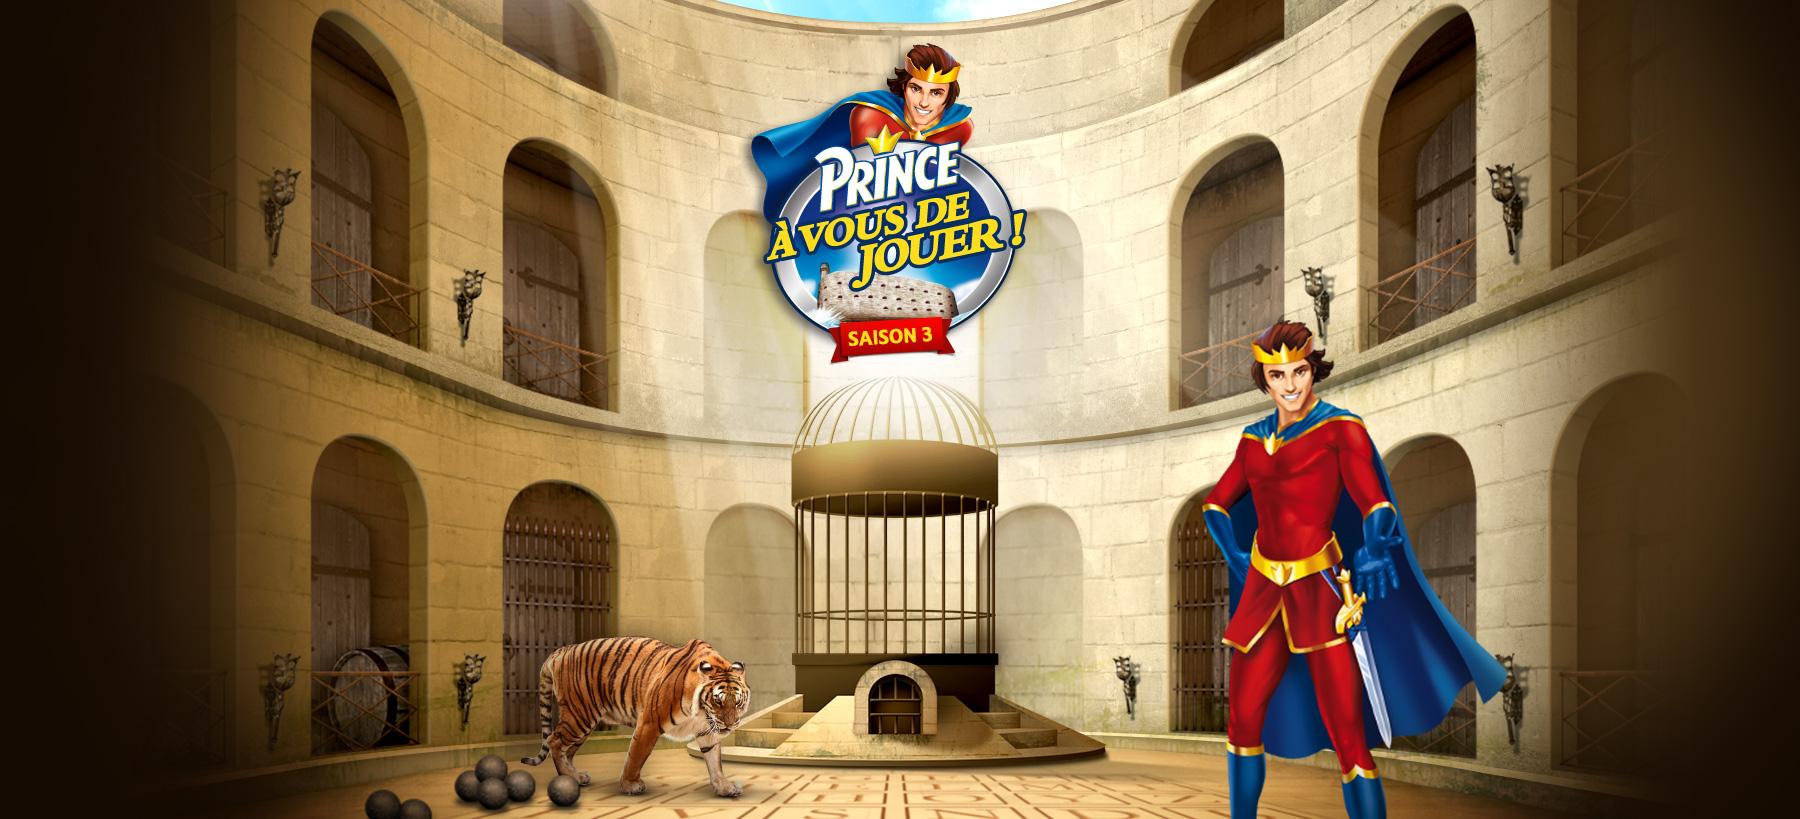 Directeur artistique freelance Portfolio Paris - Prince Fort Boyard